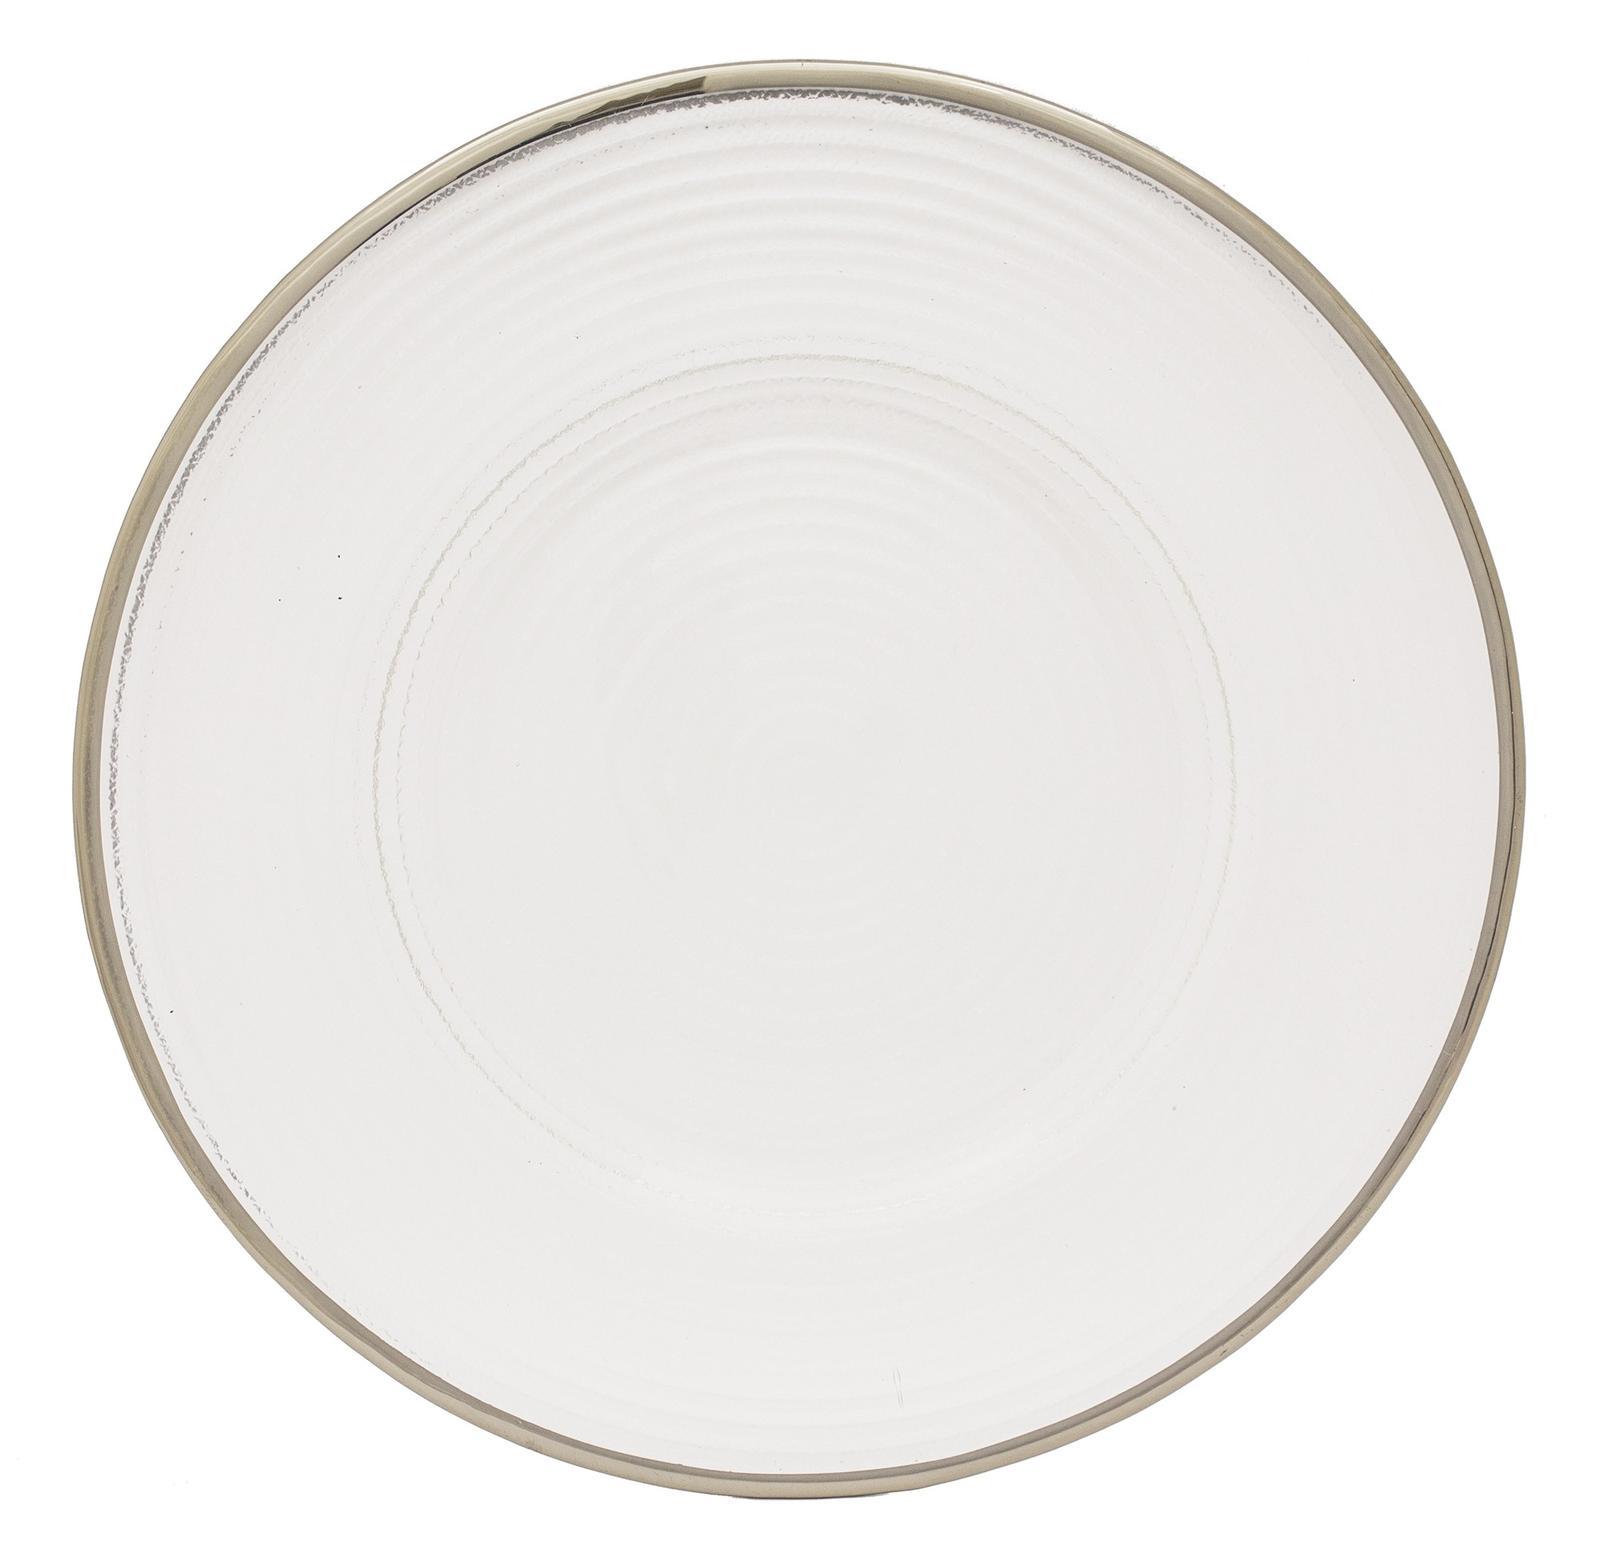 Klubové taniere so strieborným lemom (prenájom) - Obrázok č. 1